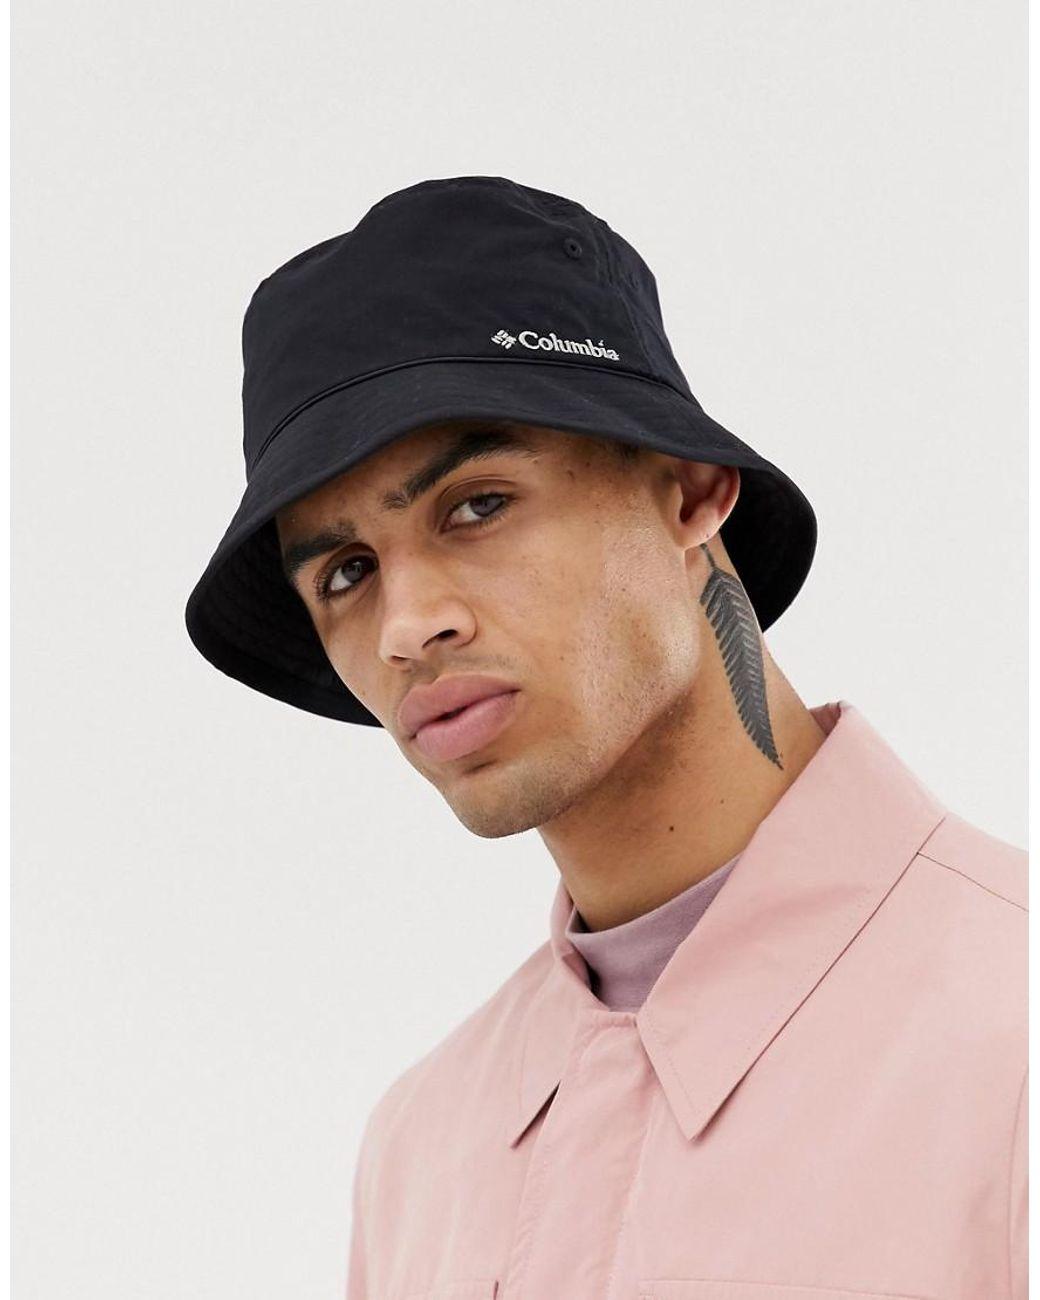 796953e06 Men's Pine Mountain Bucket Hat In Black